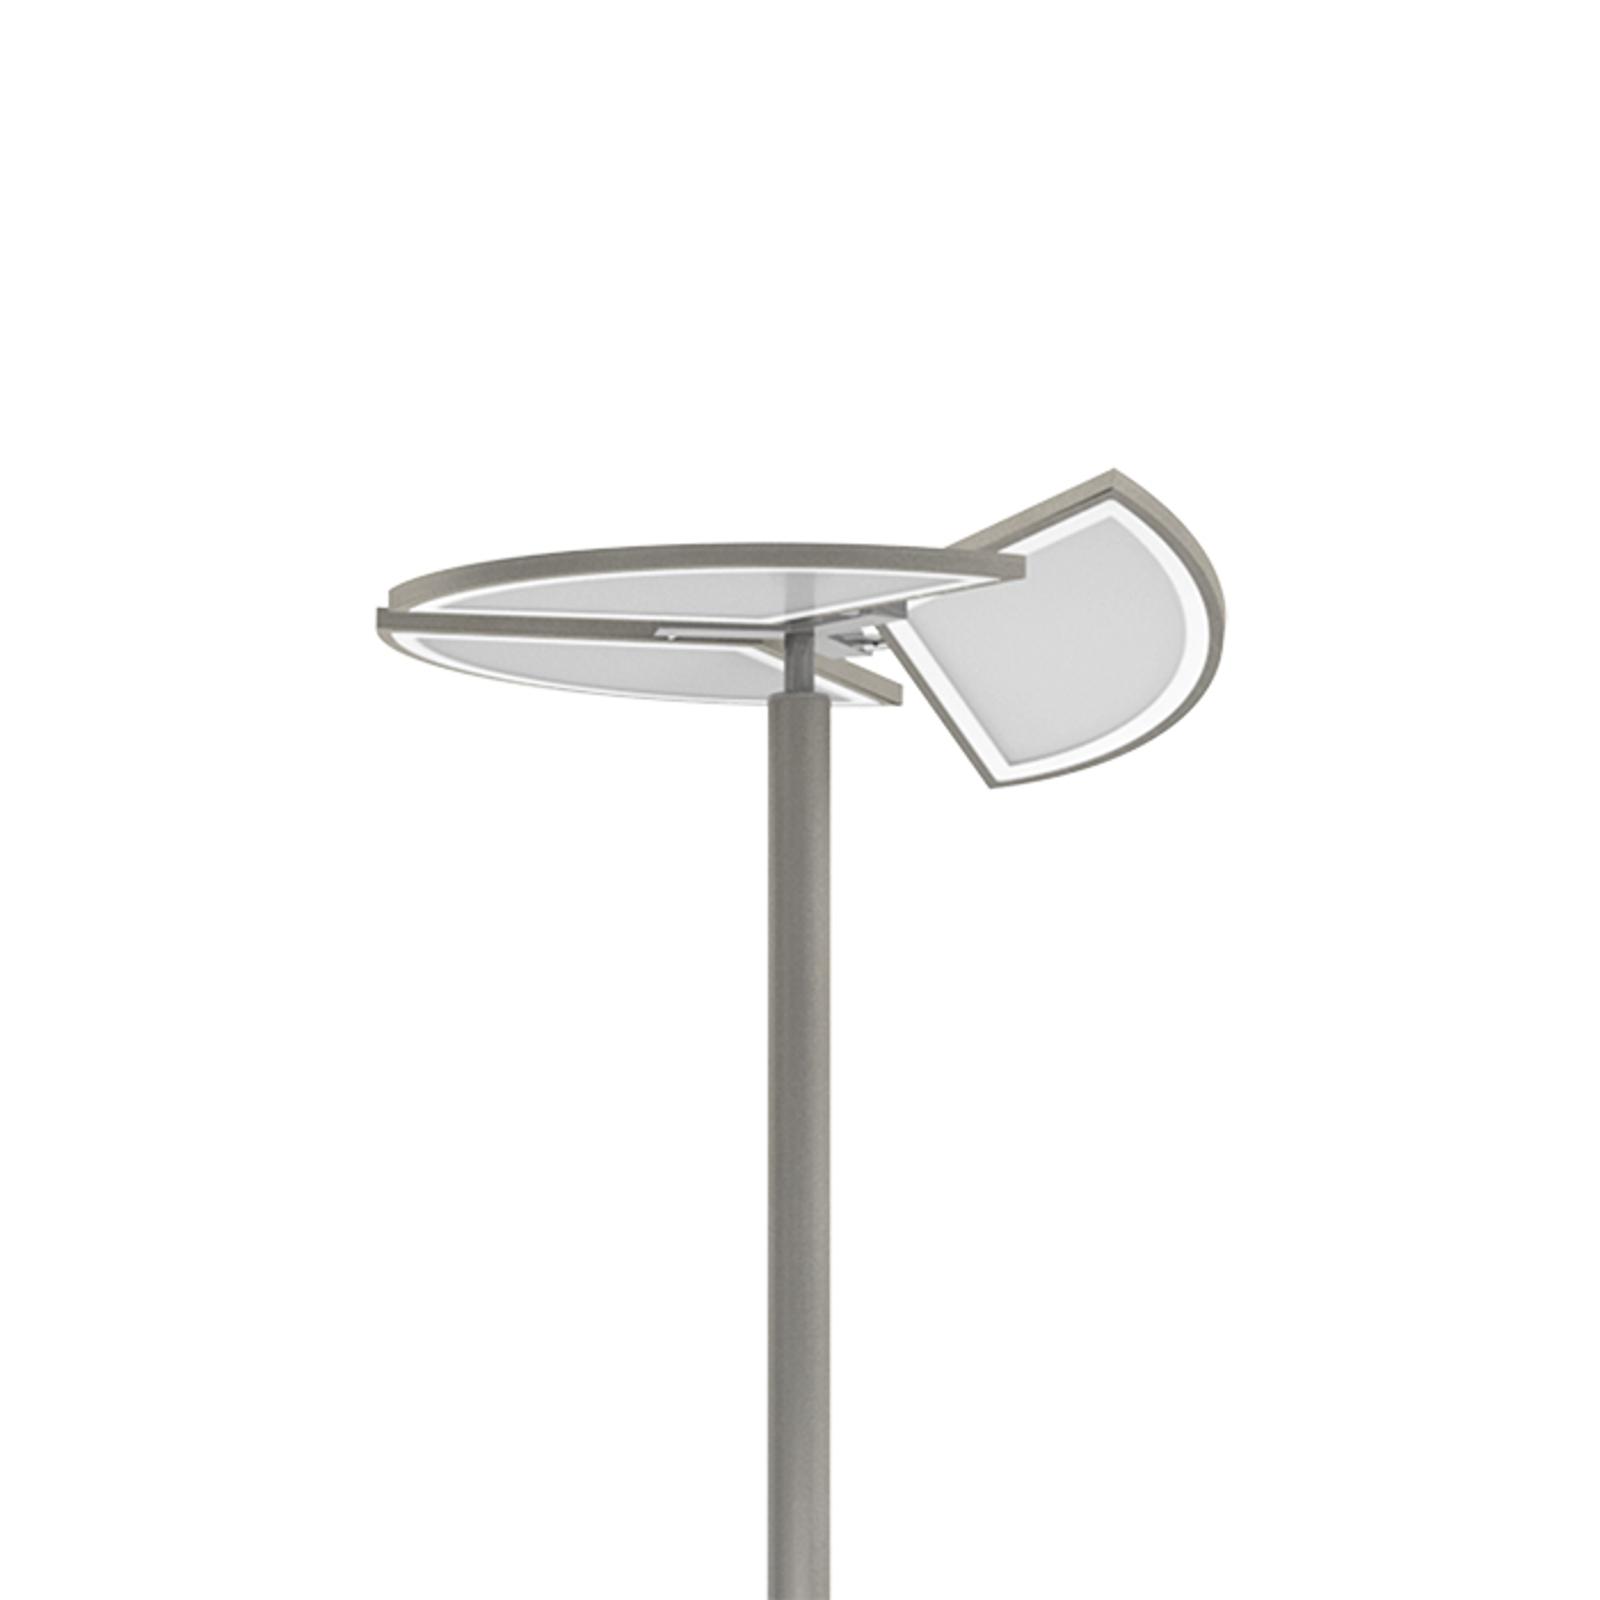 Lampadaire LED Movil avec contrôle de couleur